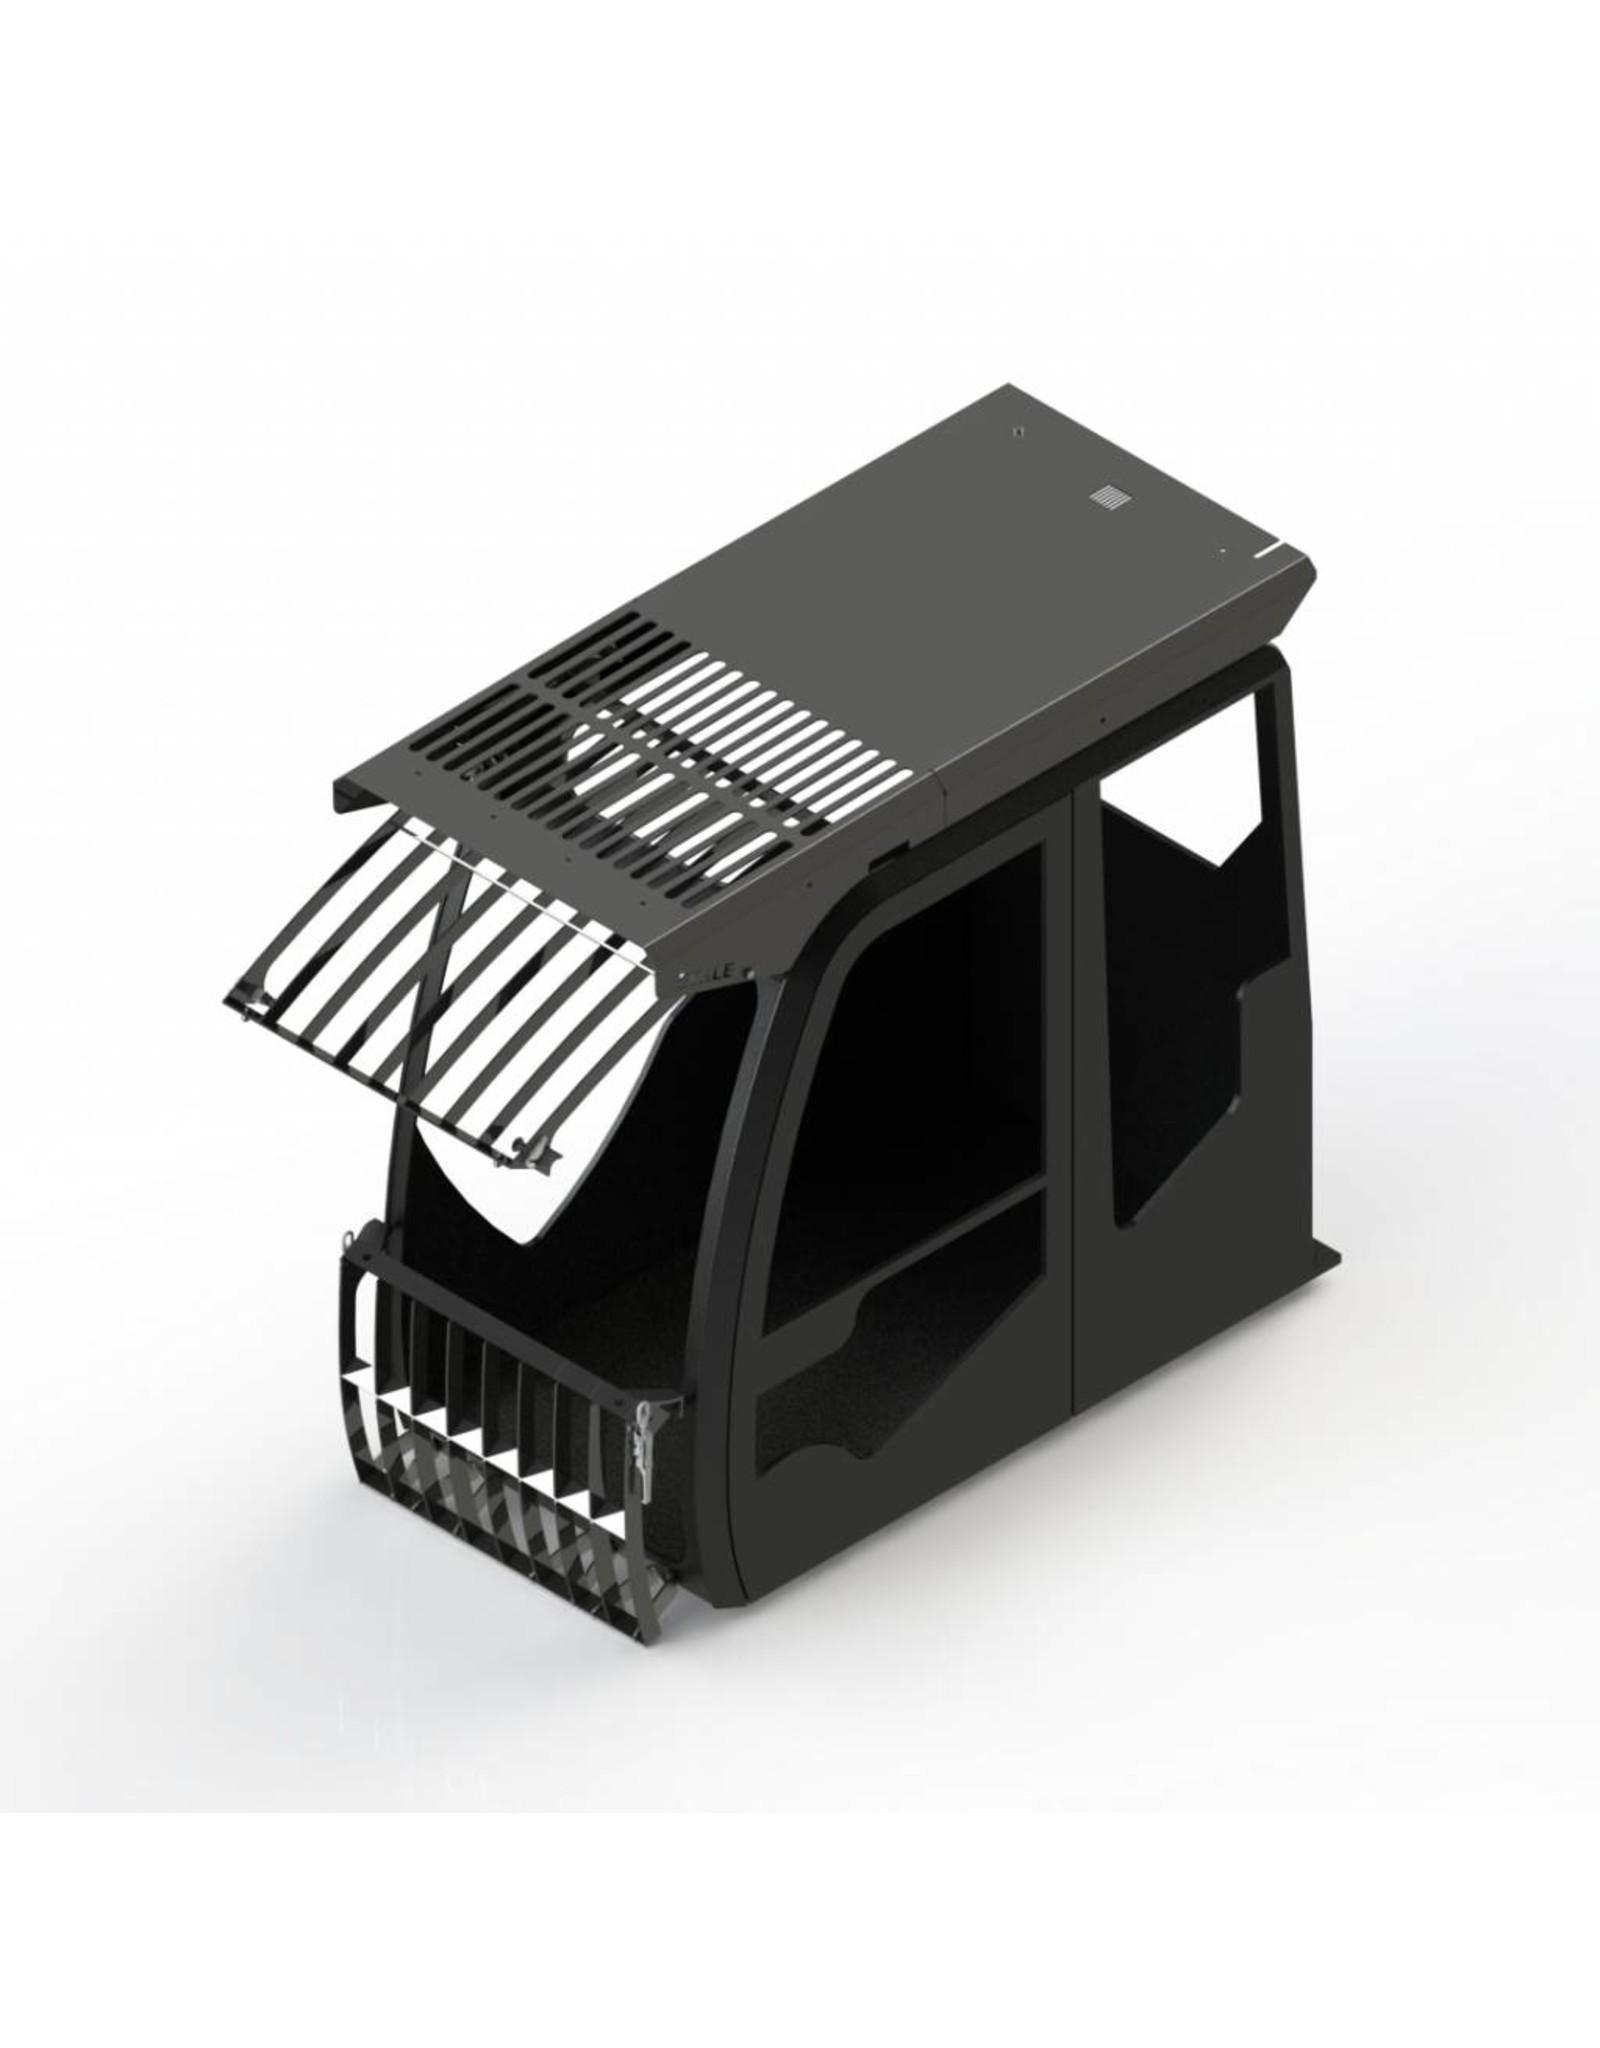 Echle Hartstahl GmbH FOPS für Liebherr R 980 SME